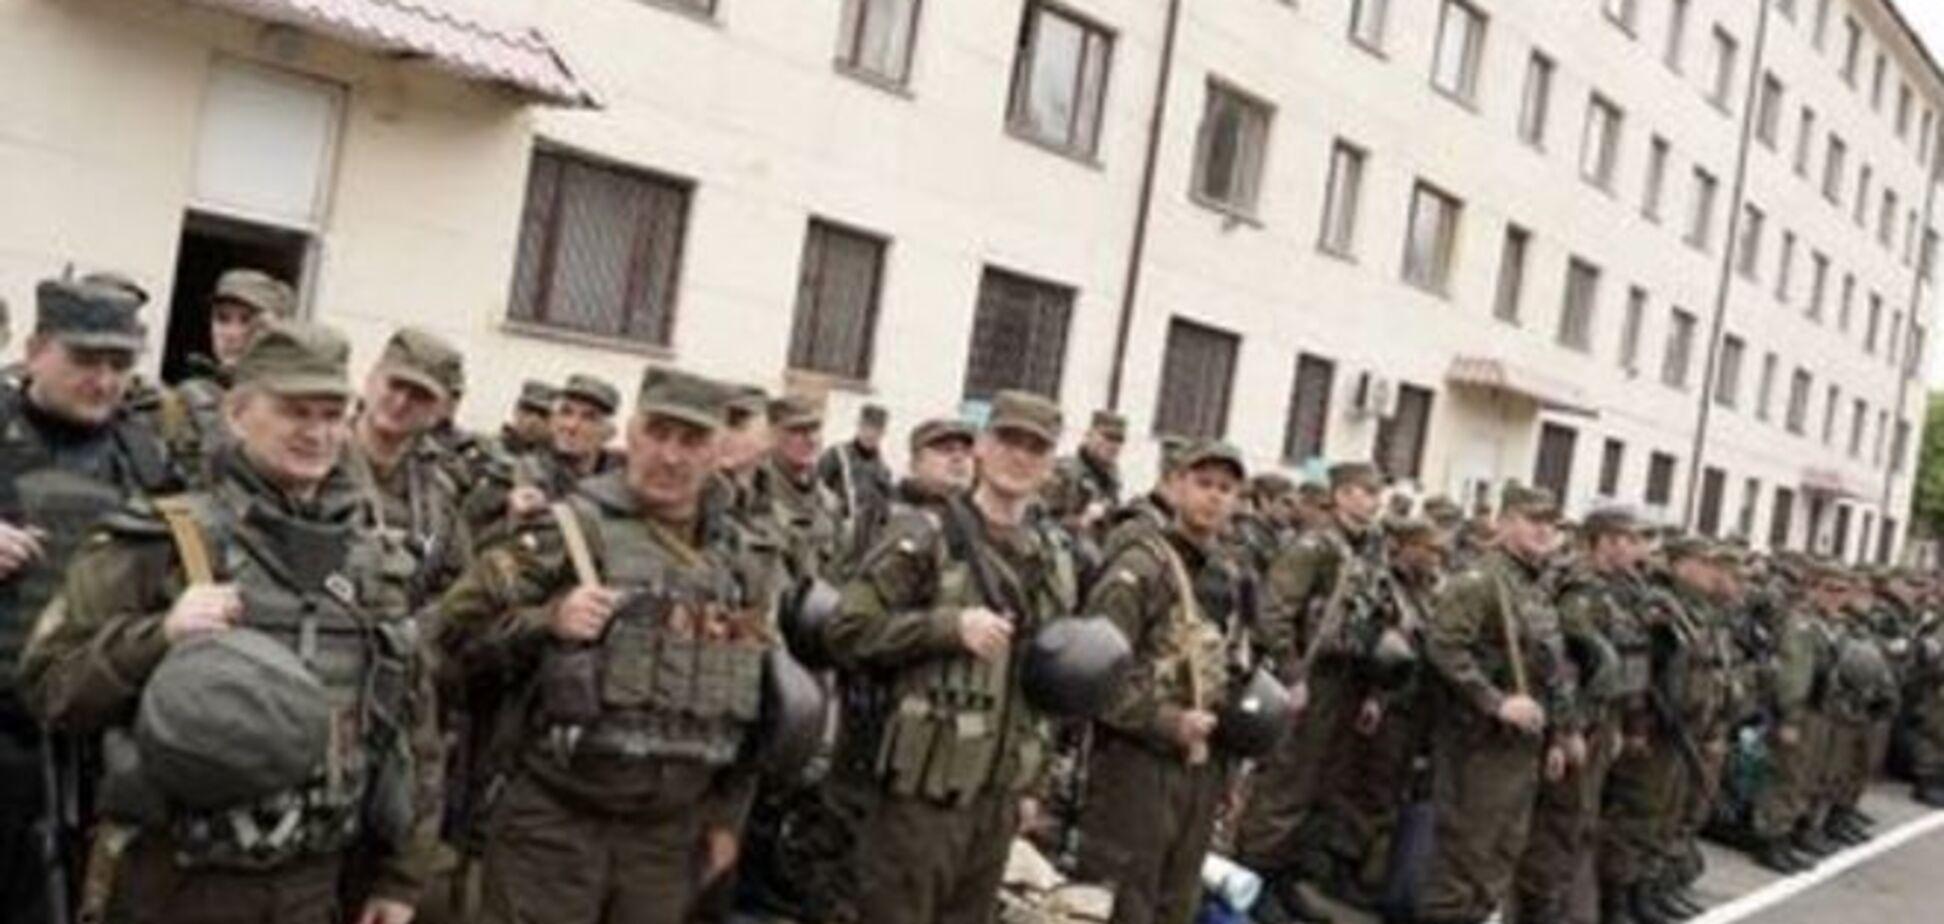 Скандал на Яворовском полигоне: бойцы ушли воевать в берцах 45-го размера